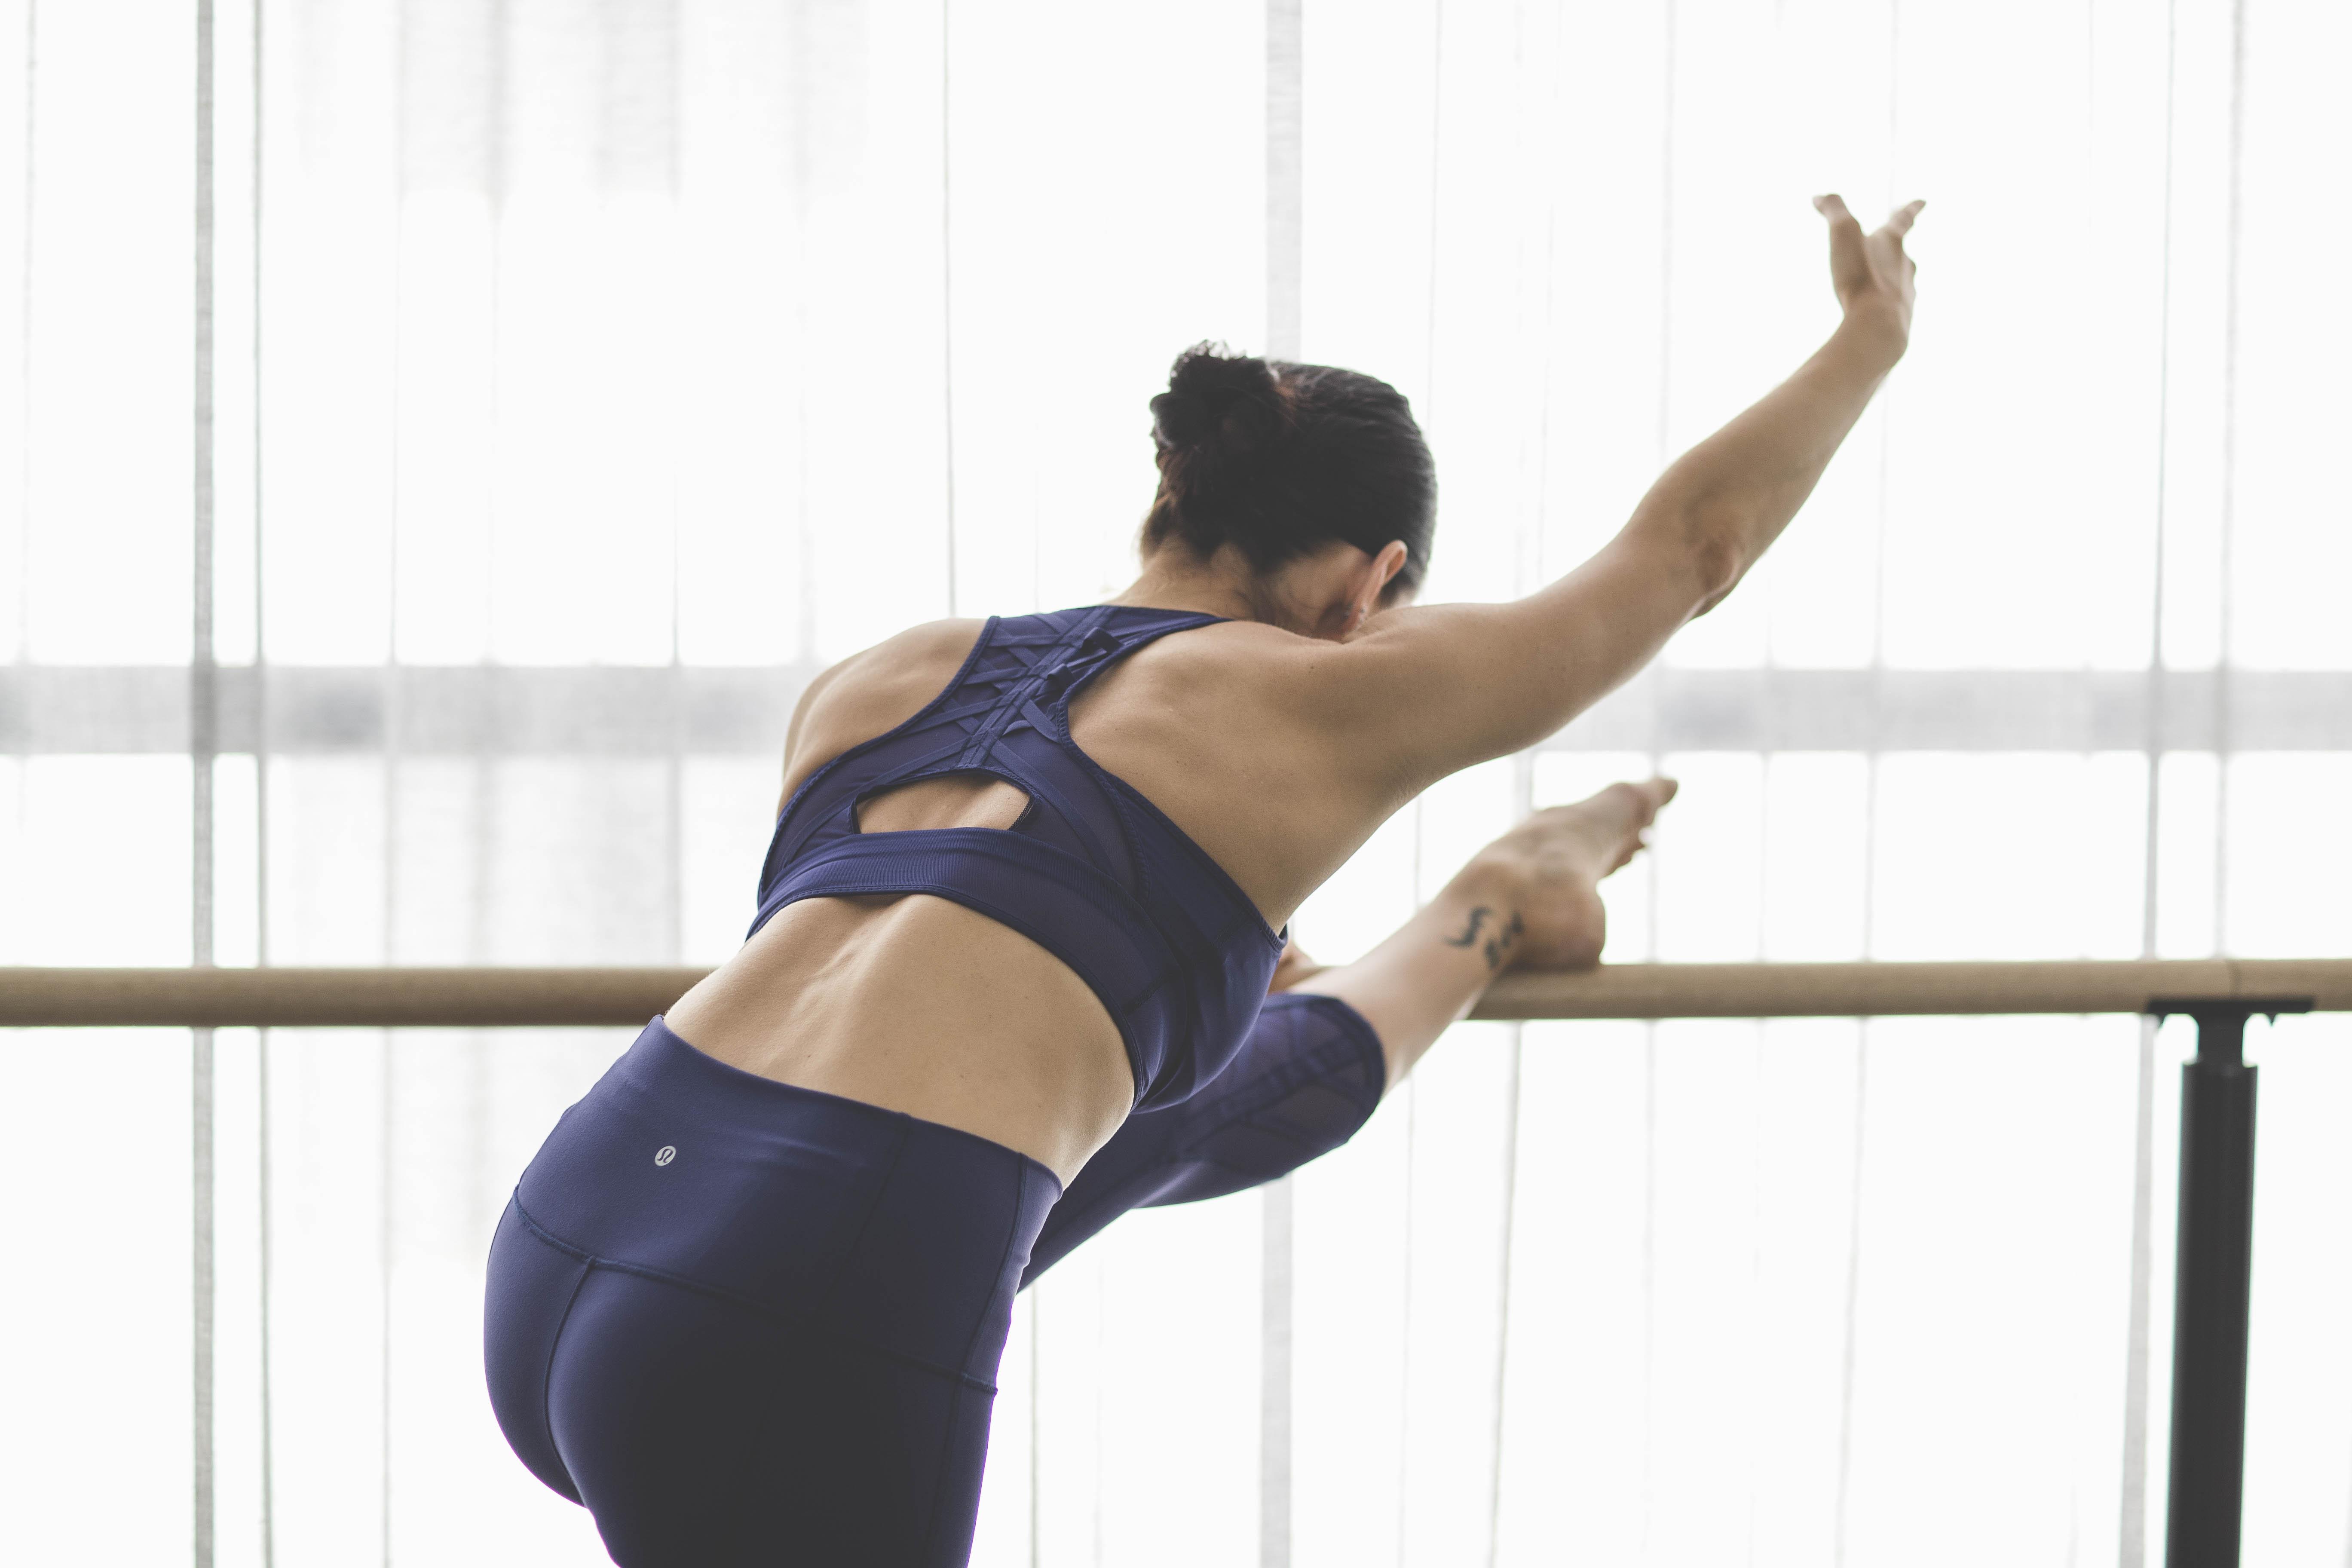 fullrez-2016_wk35_sec1_1028_lulu_aus_mk_womens_essential_rhythm_dance_barre_workout_4101